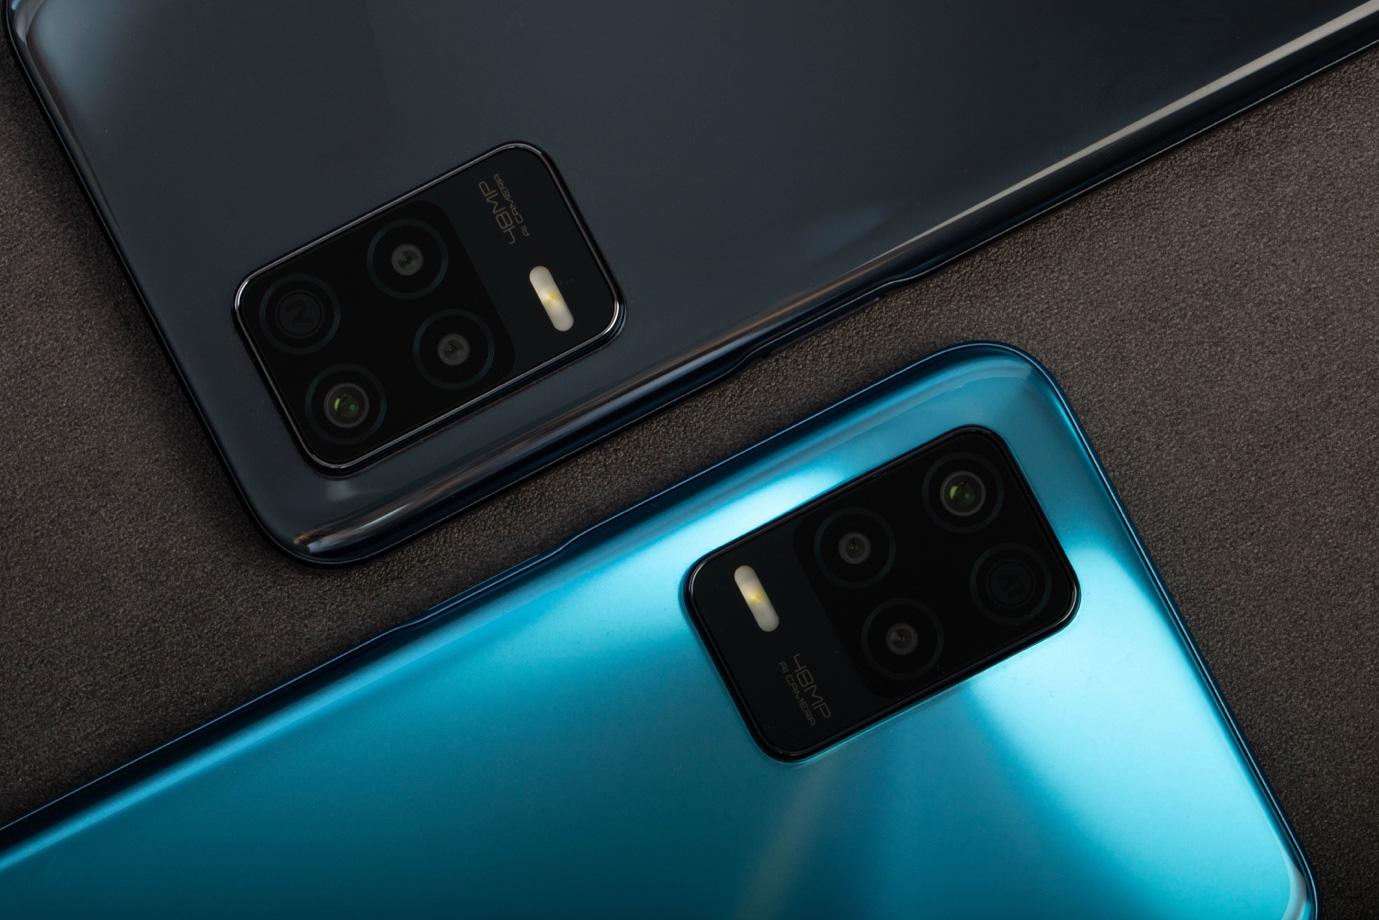 Trên tay chiếc điện thoại 5G hot nhất của realme: Xem phim cả ngày, cày game lướt web siêu nhanh, siêu khỏe! - Ảnh 5.